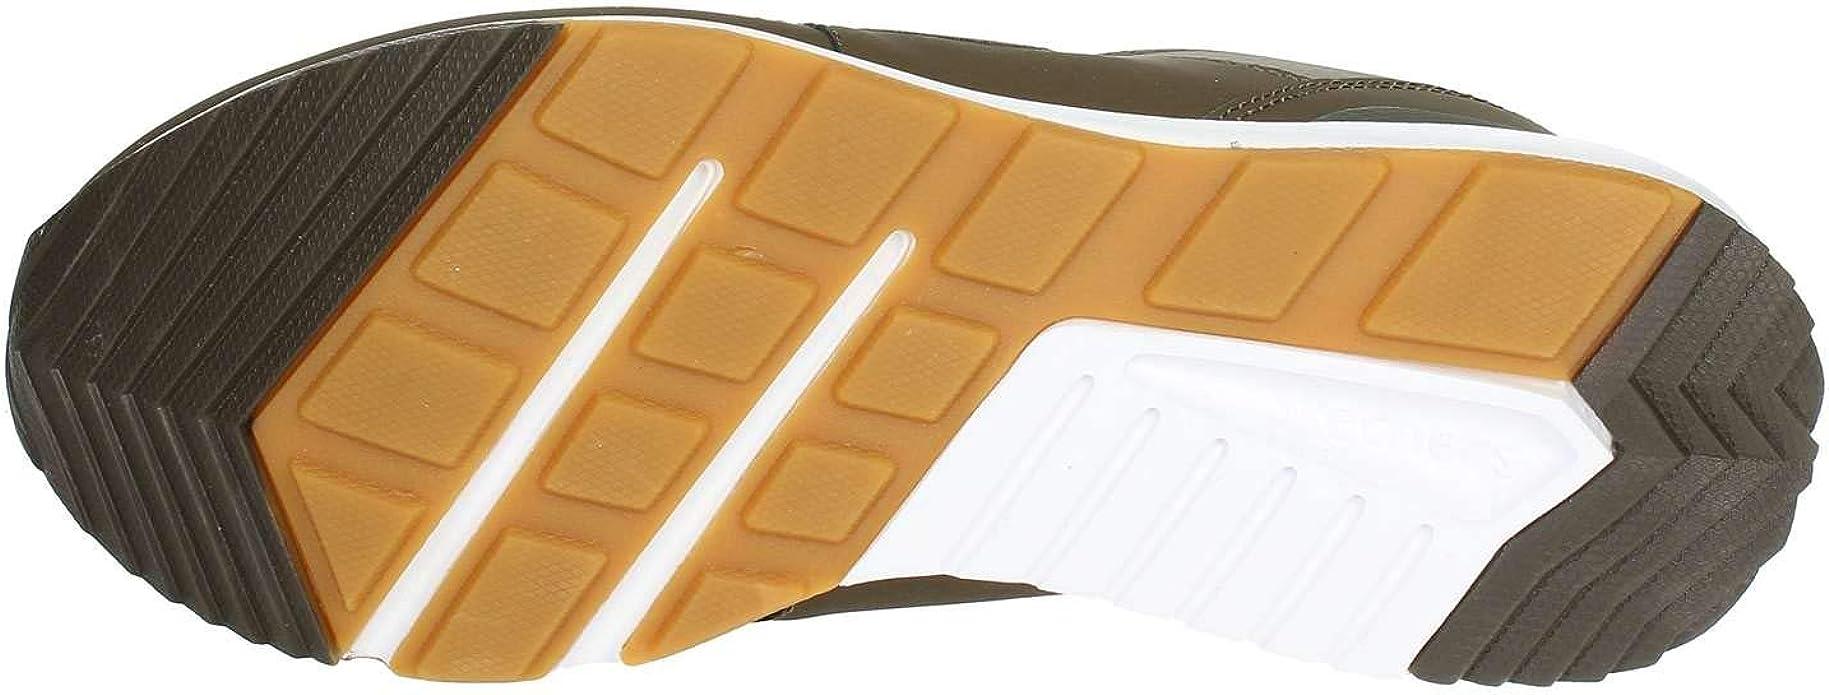 Skechers Scarpe Originals CROPSEY per Uomo in Pelle e Tessuto Verde